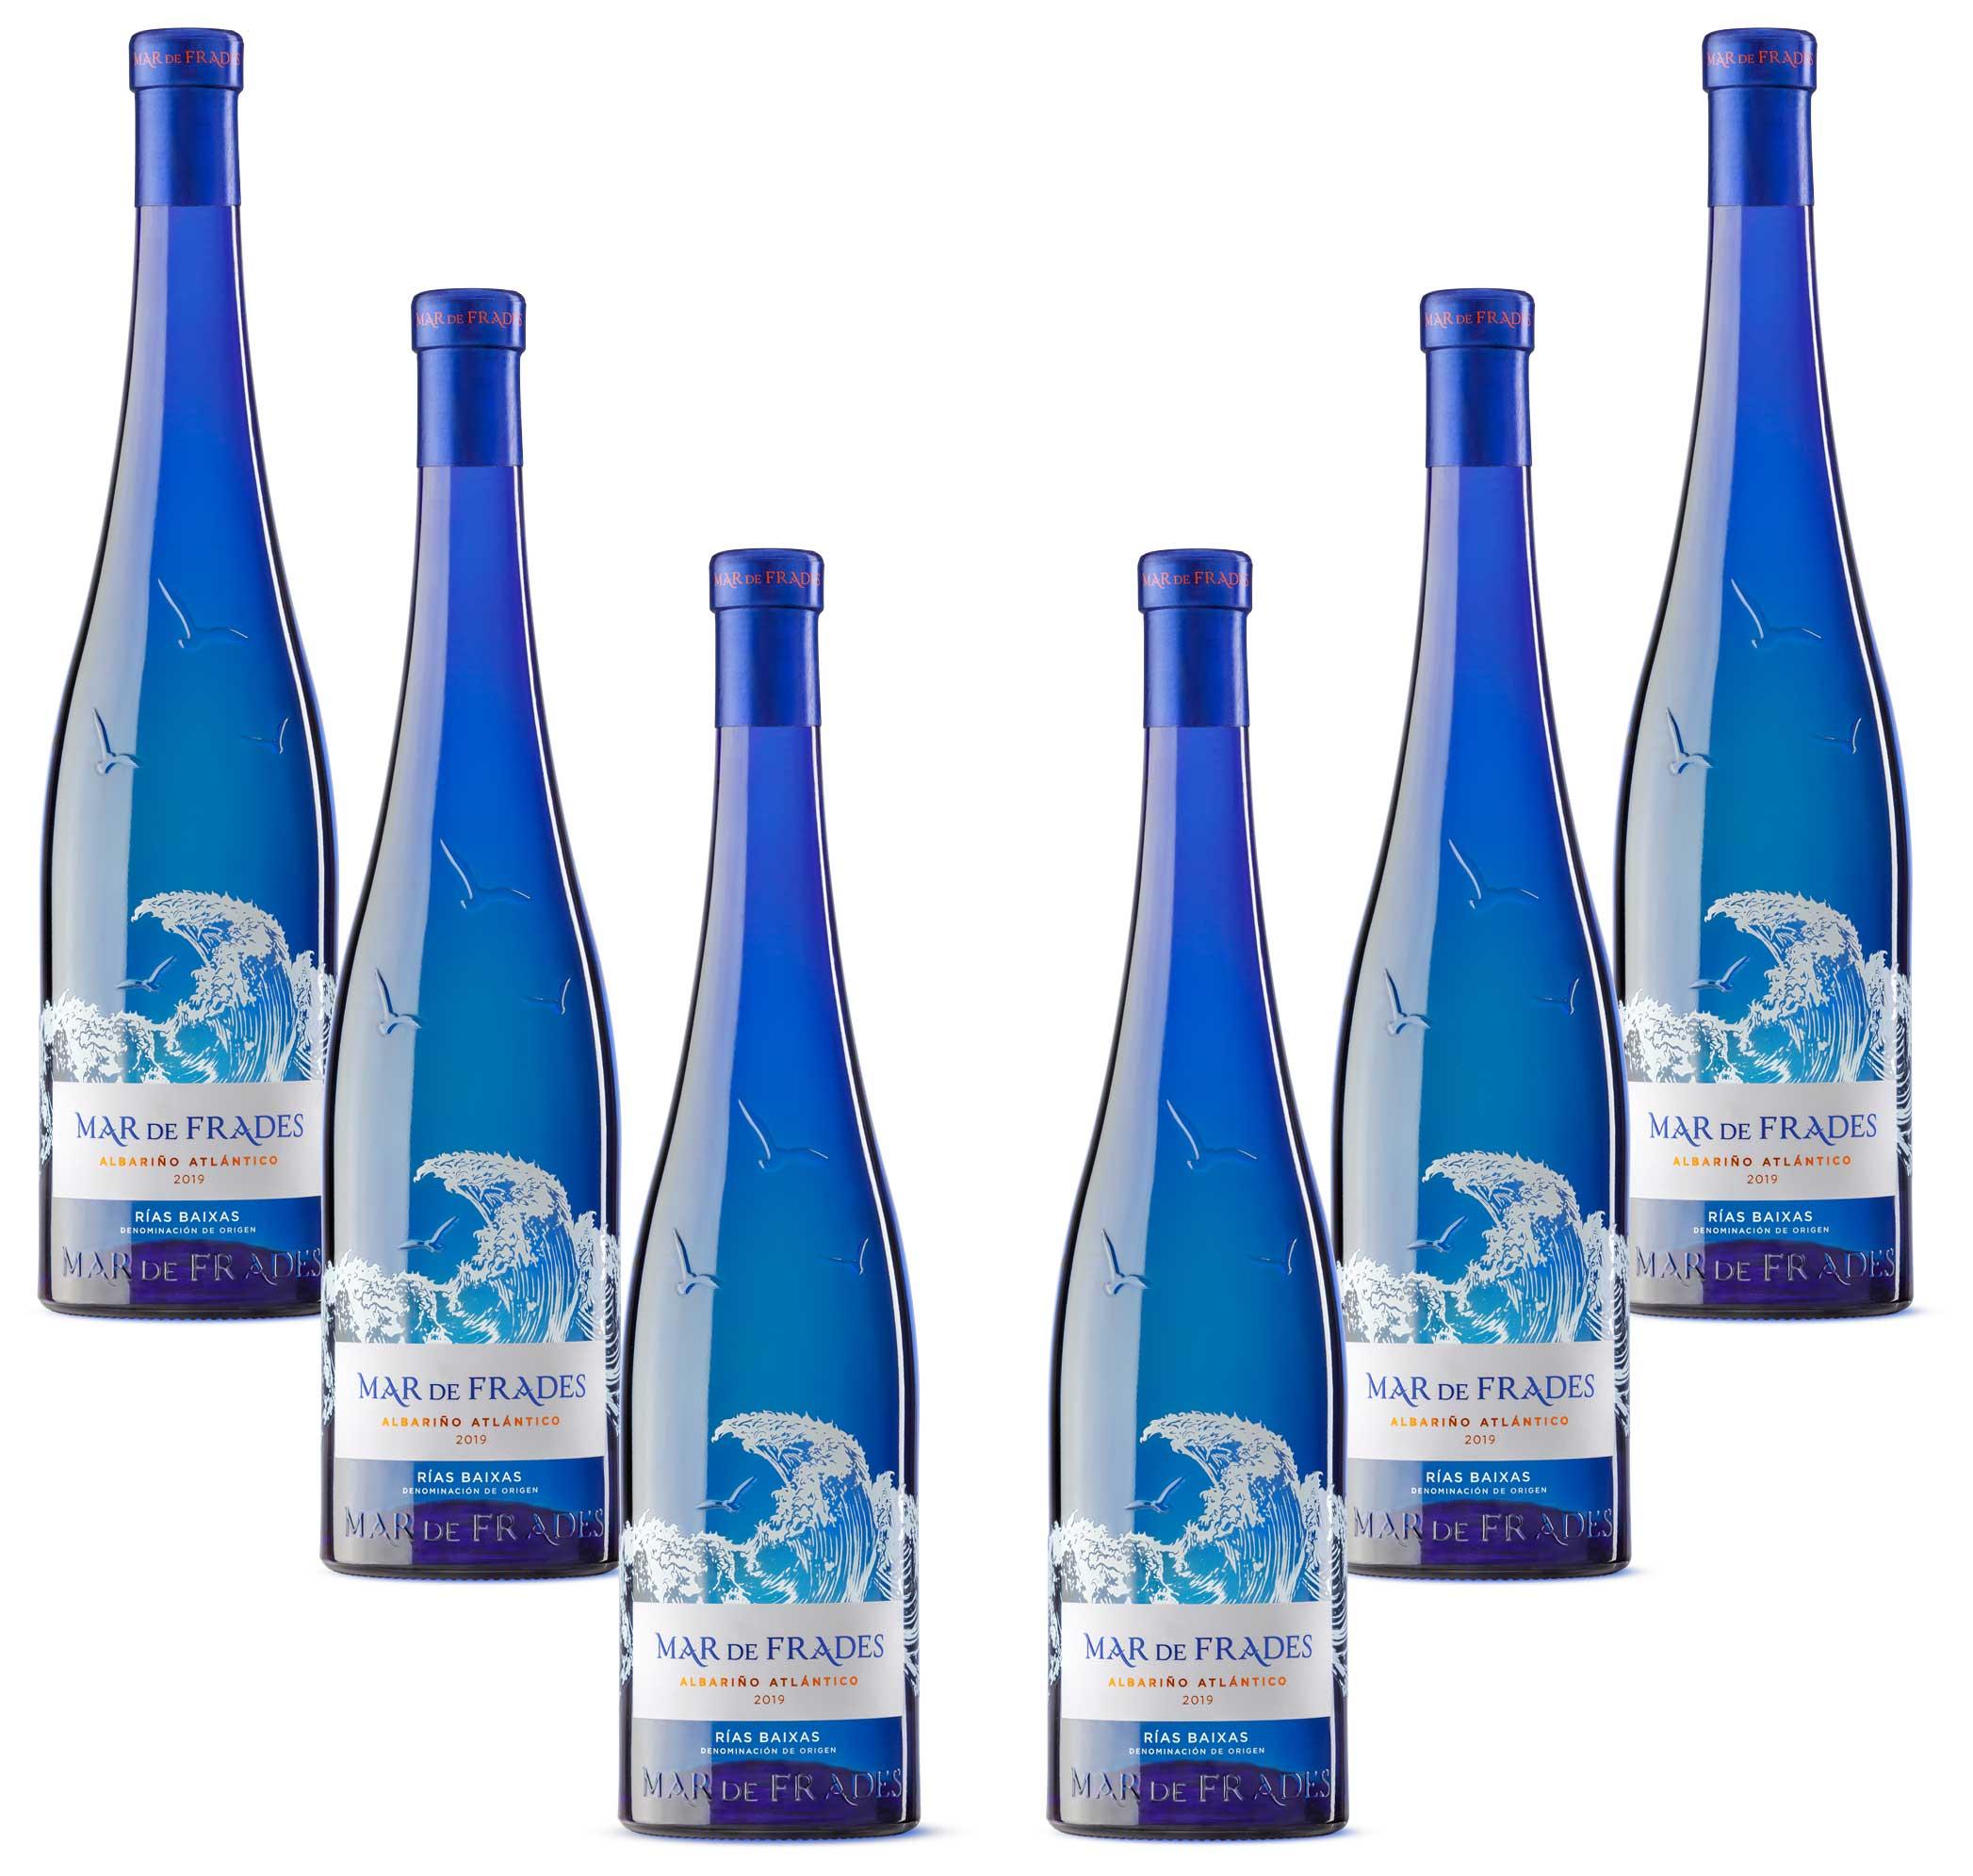 Mar de Frades 6er Set Albarino Atlantico 0,75L (12,5% Vol) 6x Weißwein Trocken Rebsorte: 100% Albarino- [Enthält Sulfite]